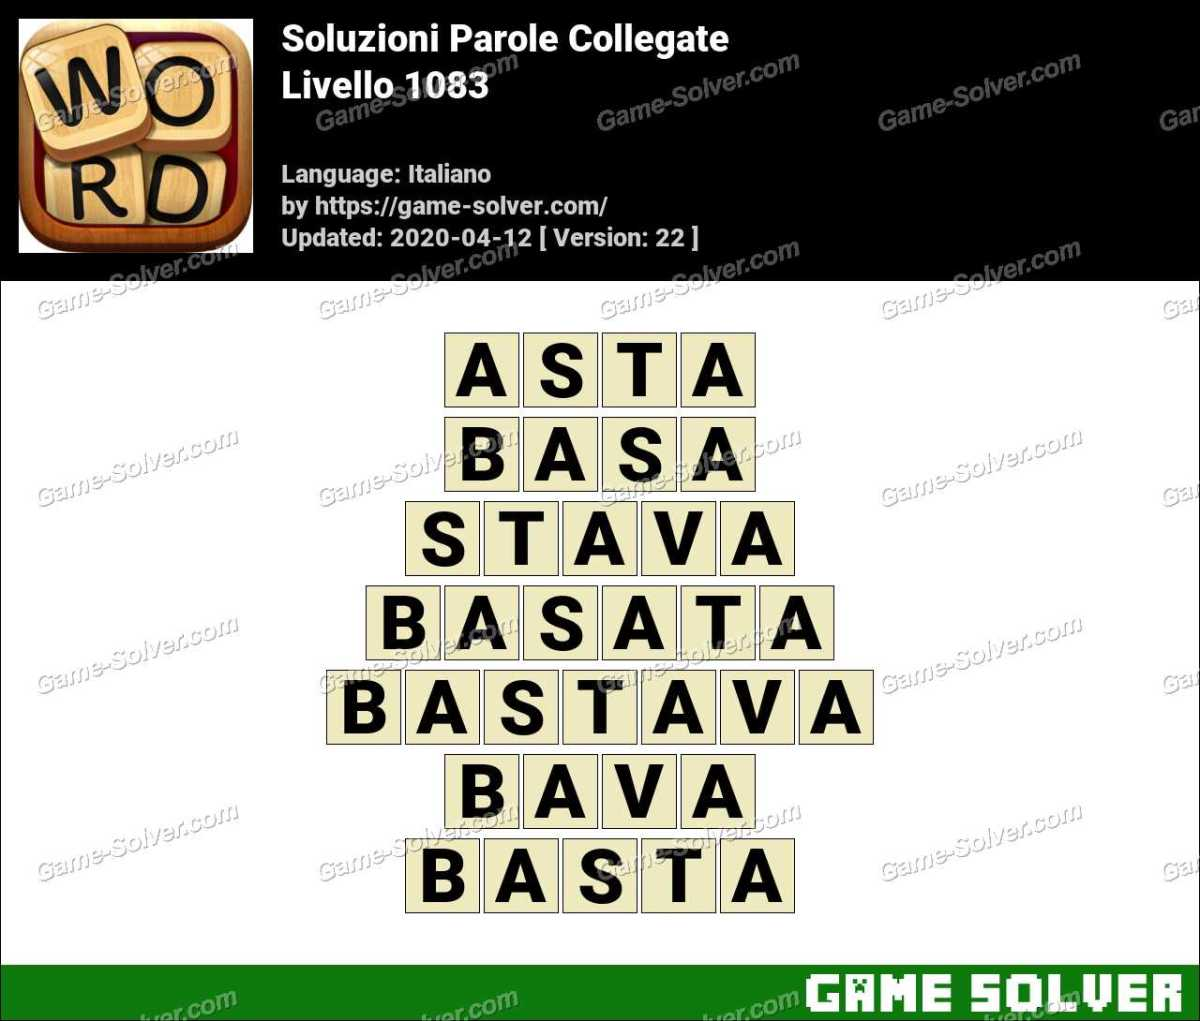 Soluzioni Parole Collegate Livello 1083